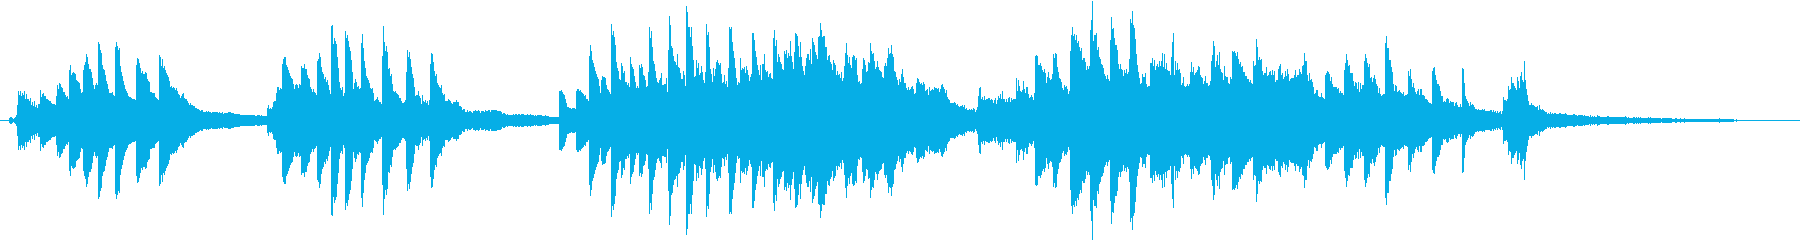 ピアノと弦楽の麗しいハーモニーのバラッドの再生済みの波形